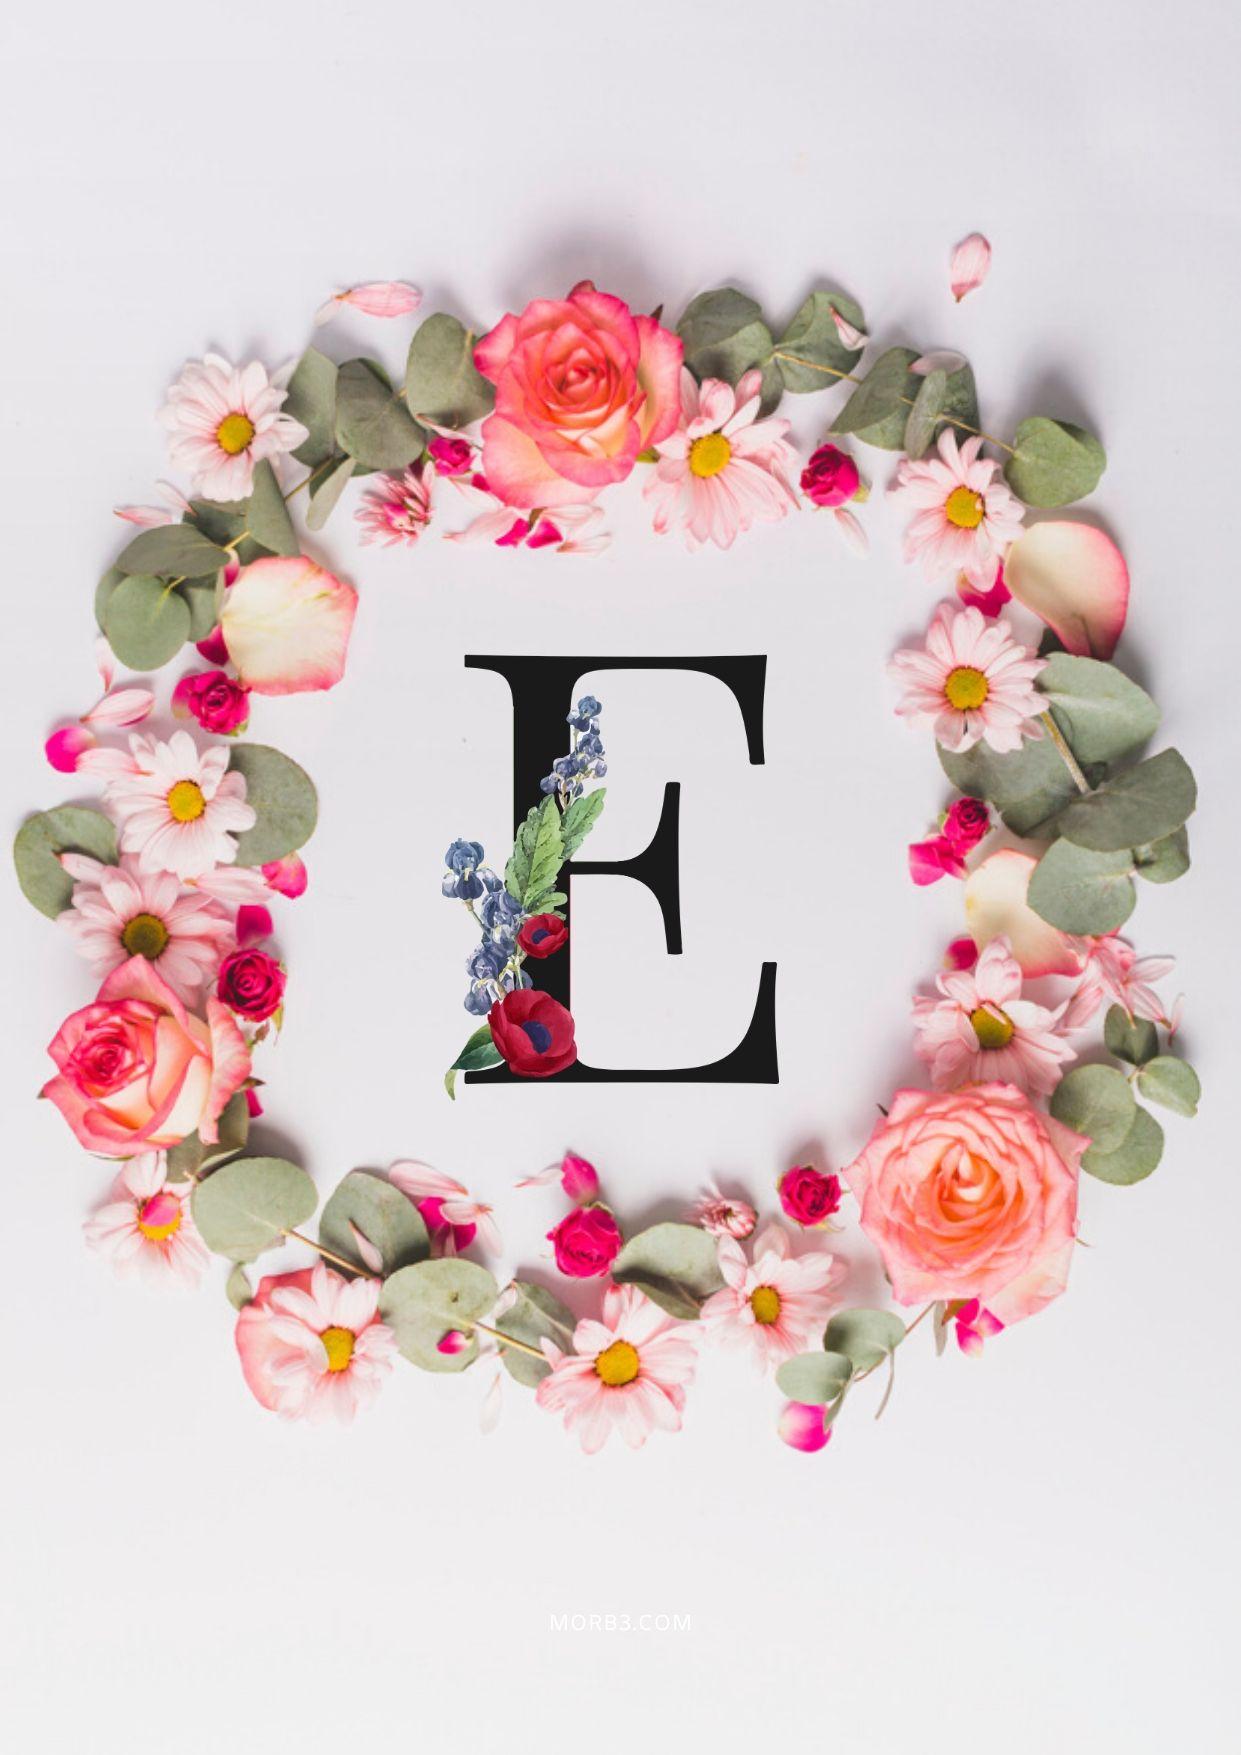 حرف E مزخرف بالورد